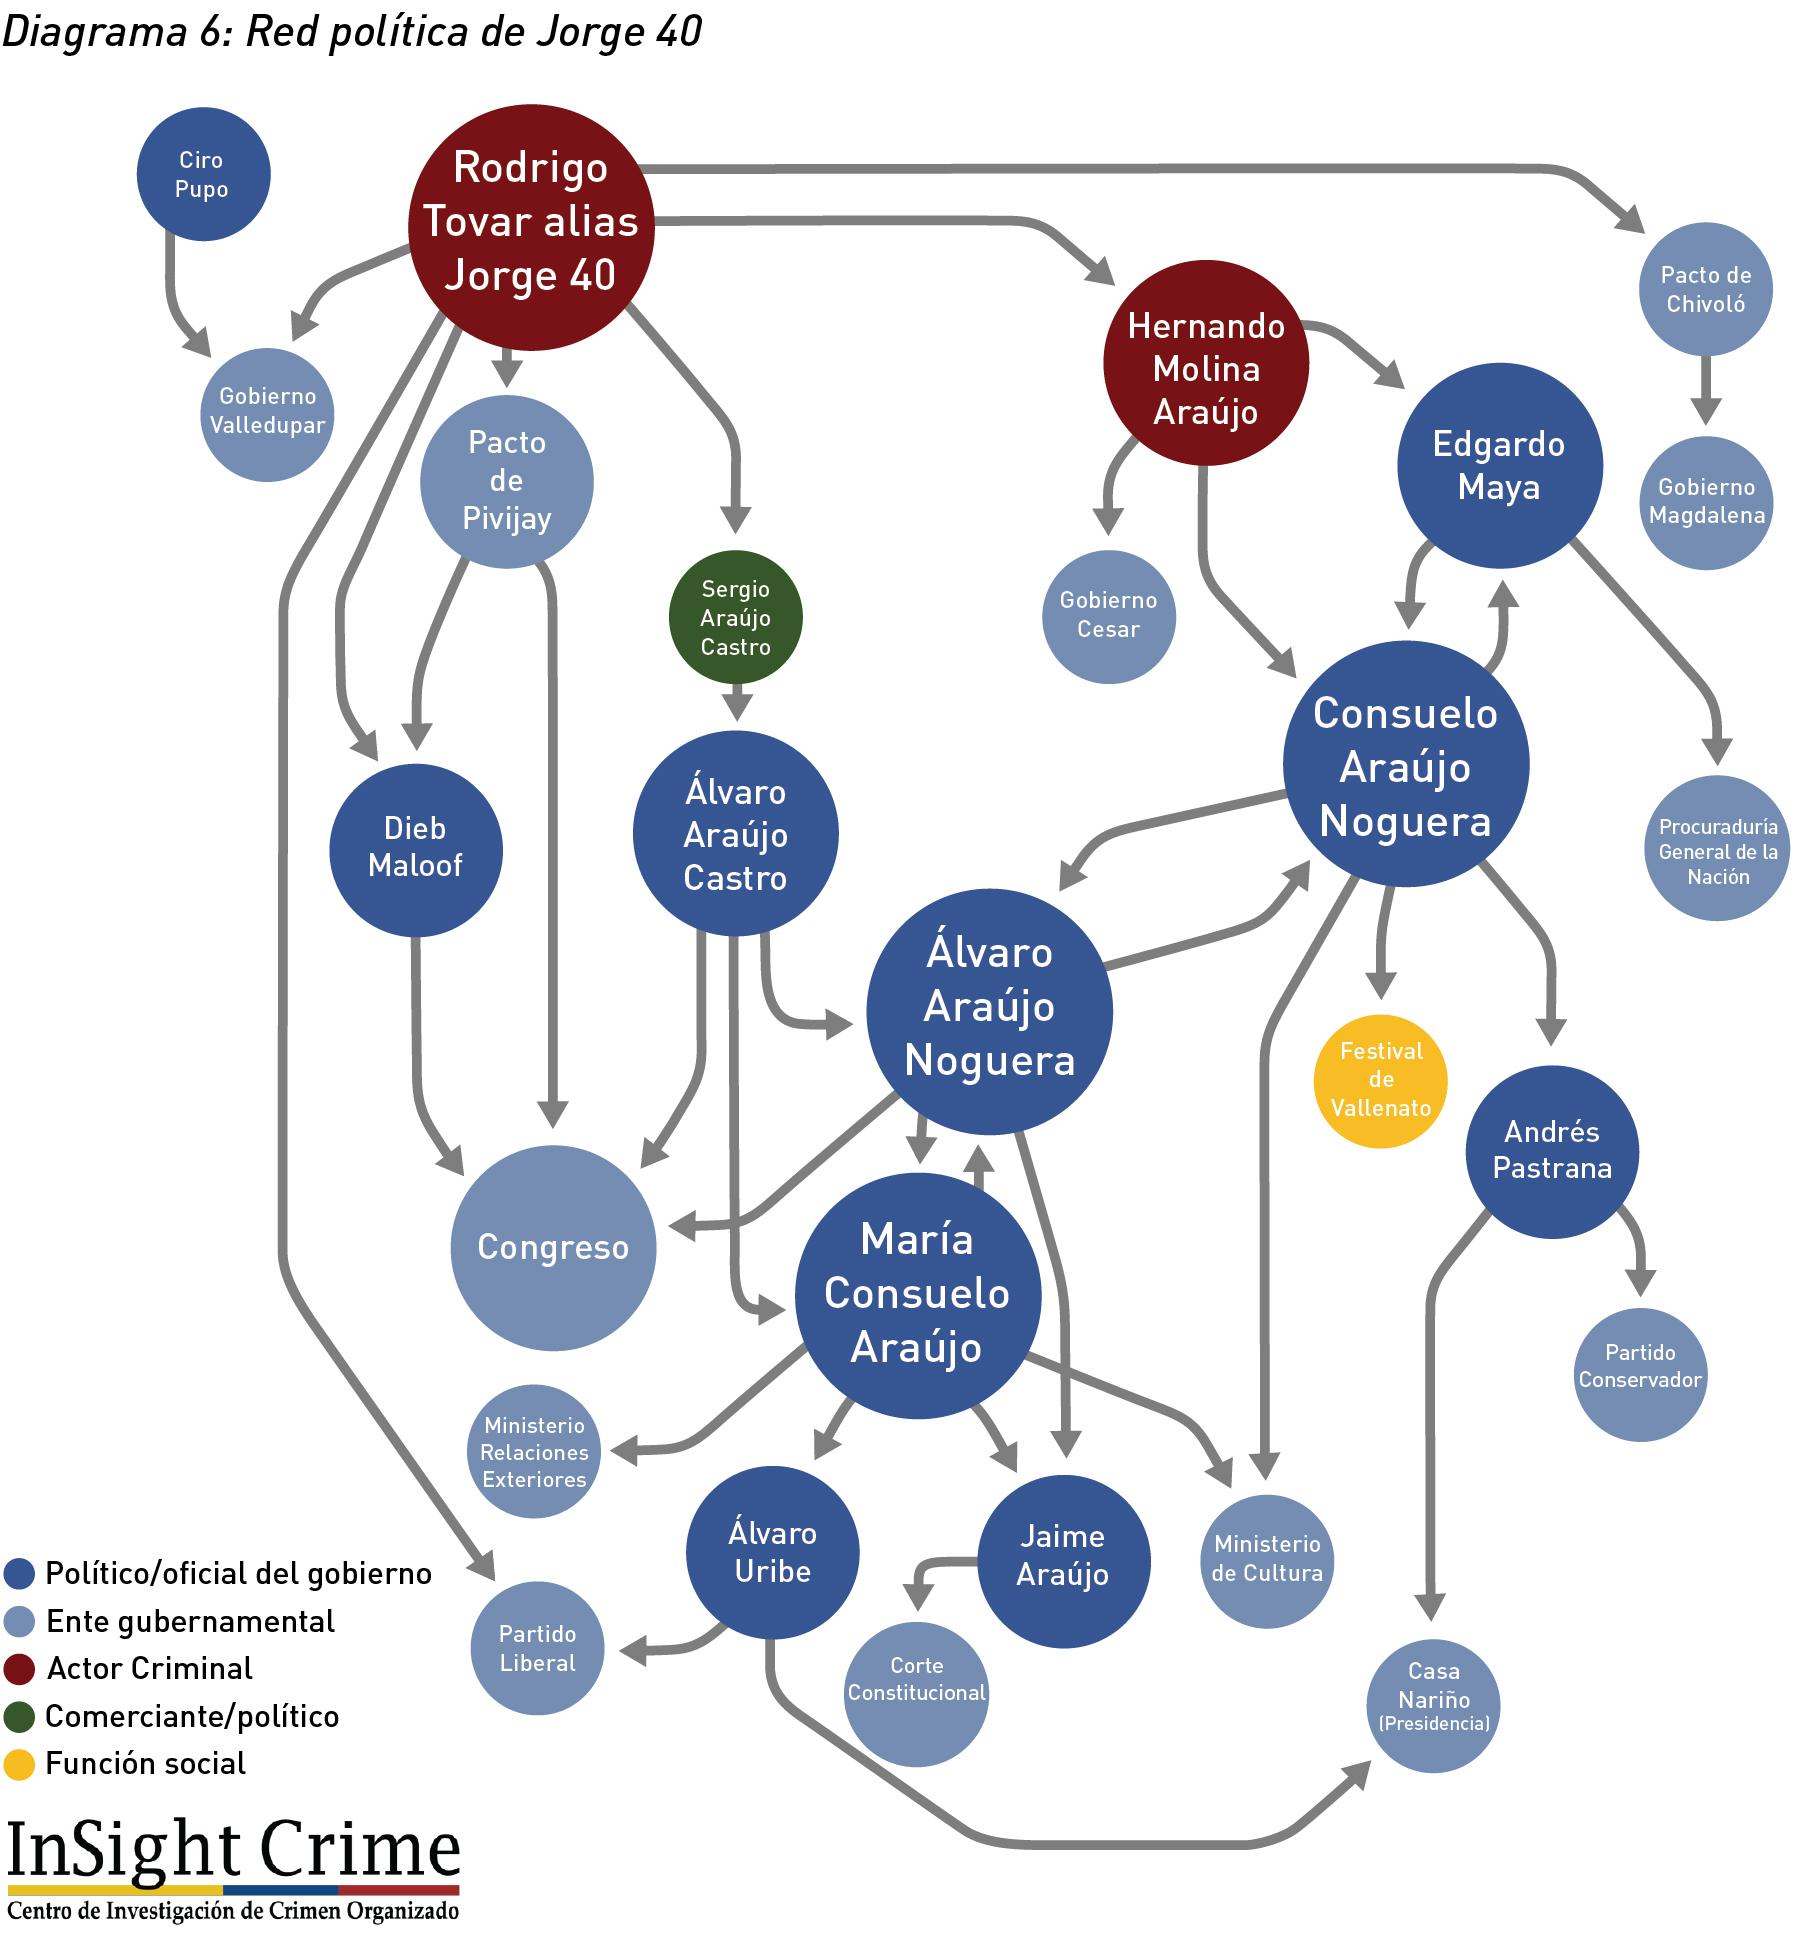 Diagrama6 RedPoliticaJorge40